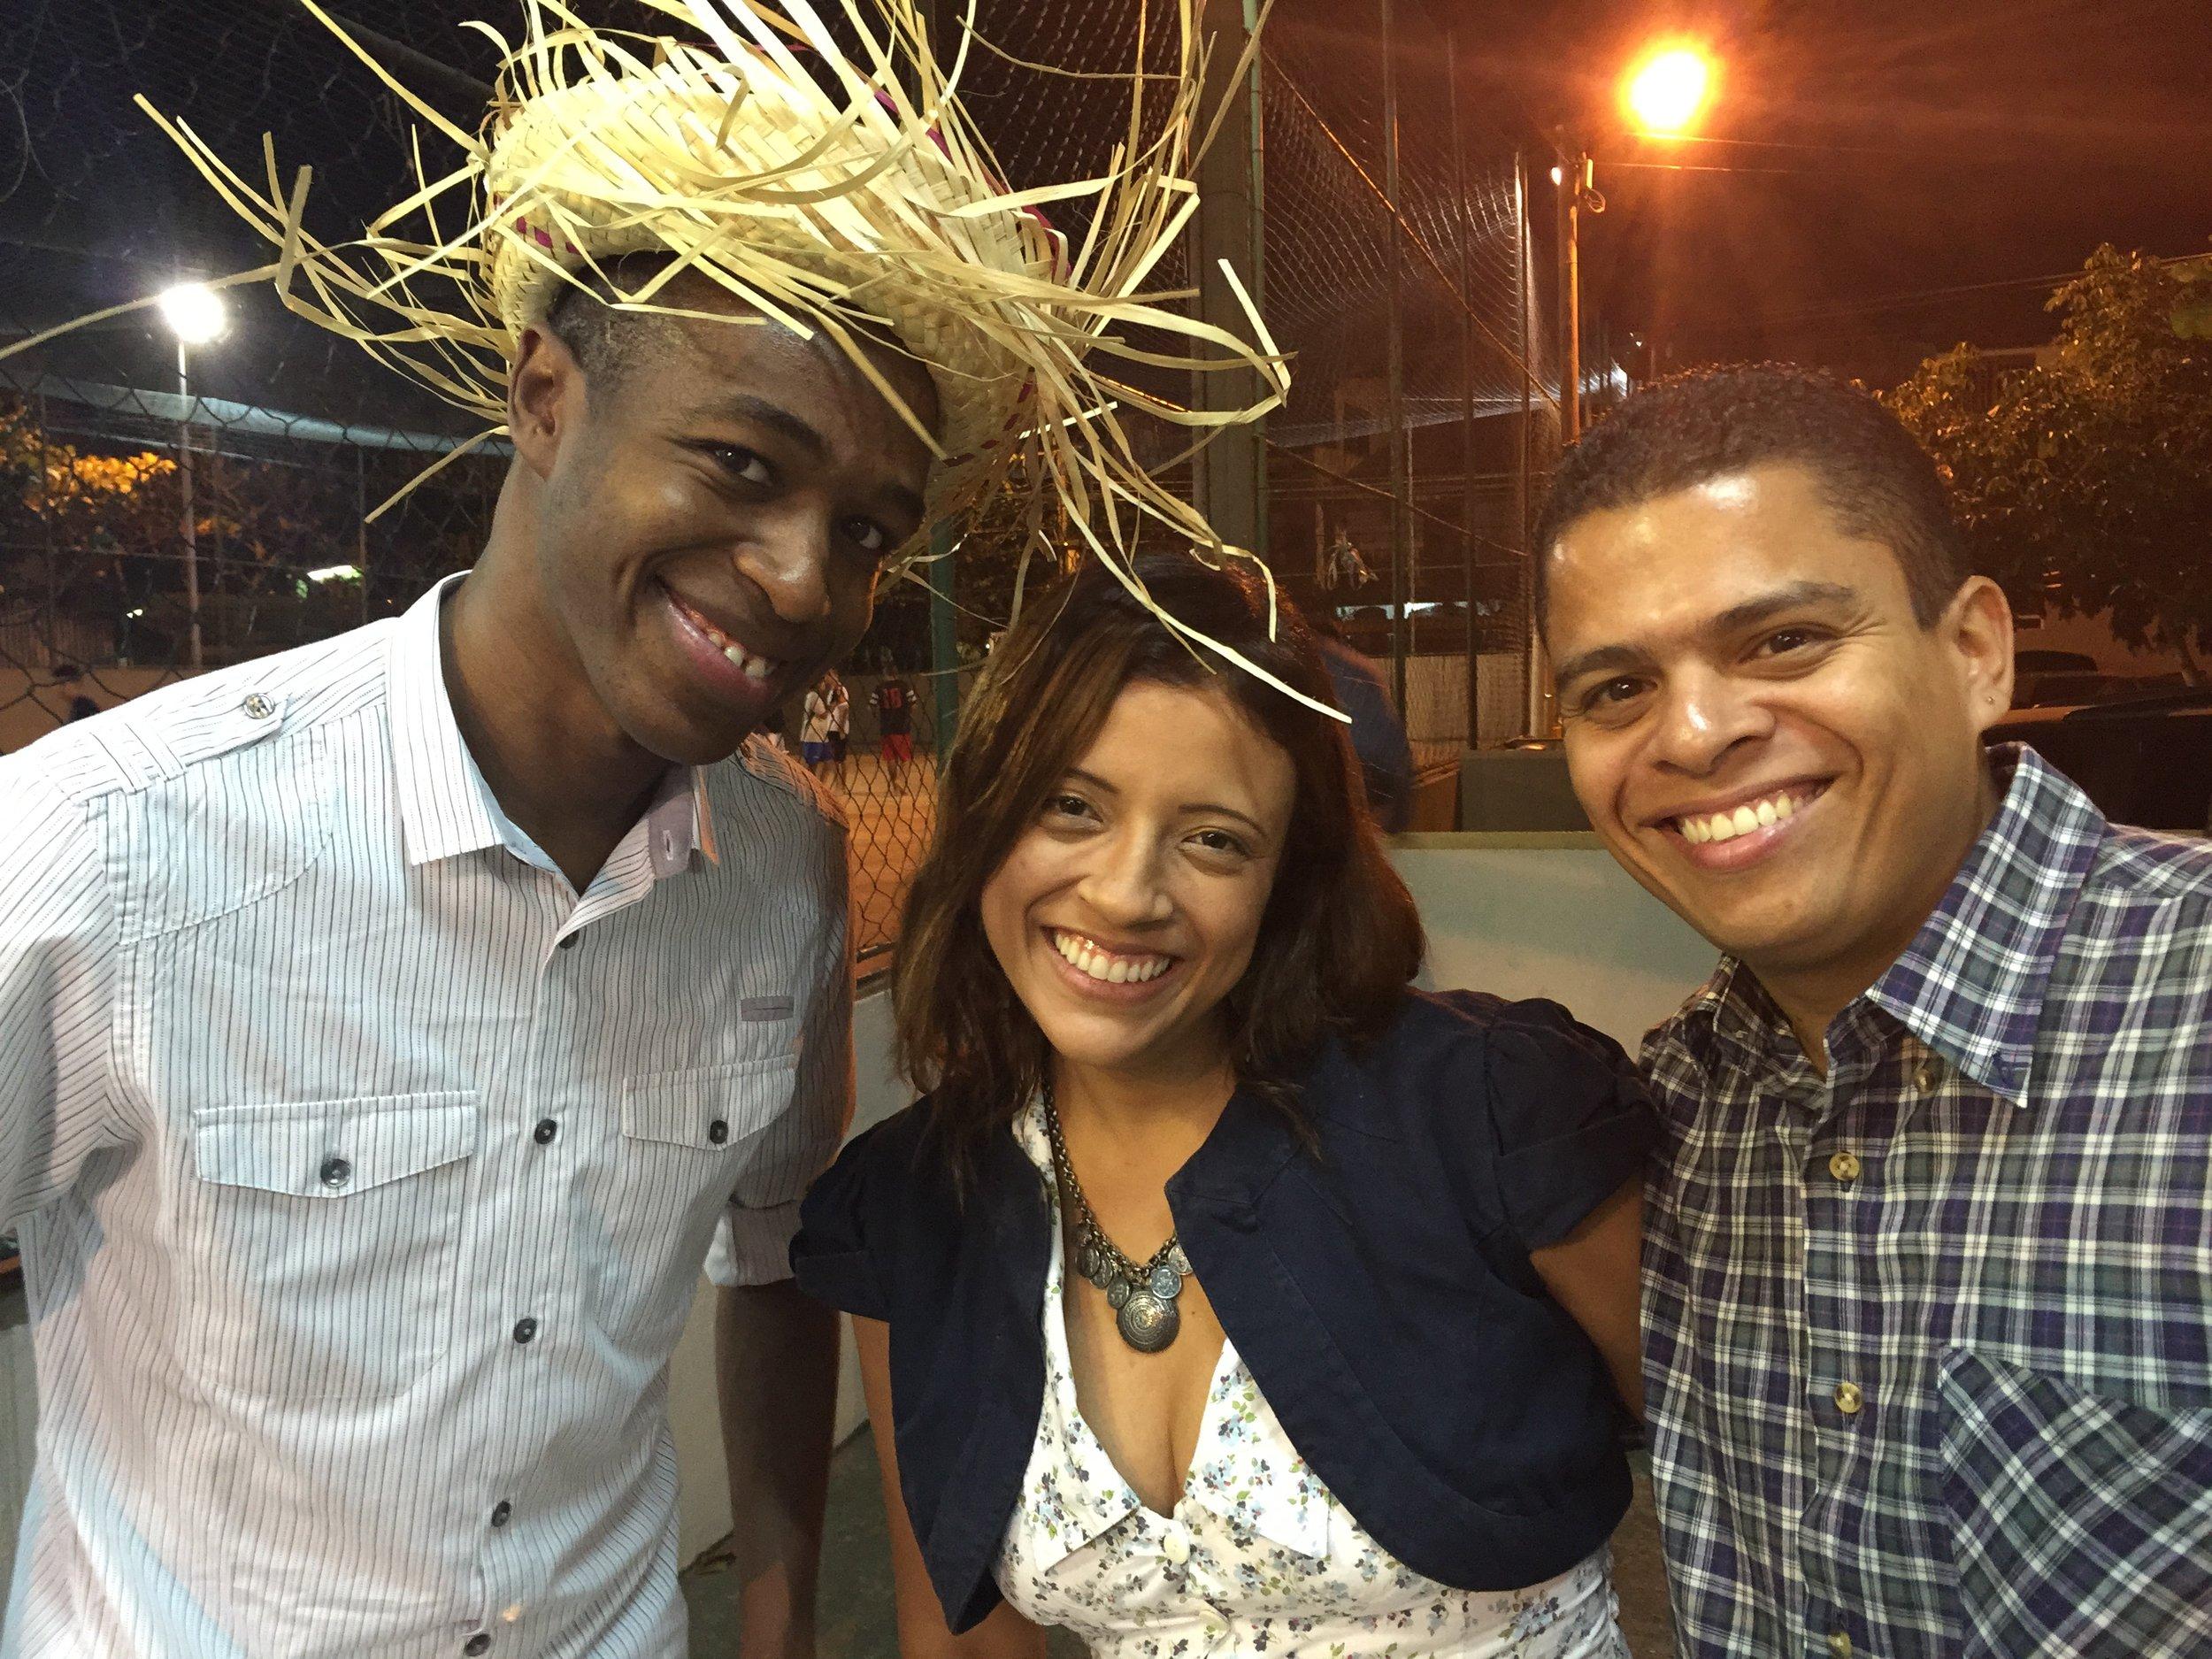 نادالين ورافاييل، زوجين رائعين سكنكت لديهما في البرازيل